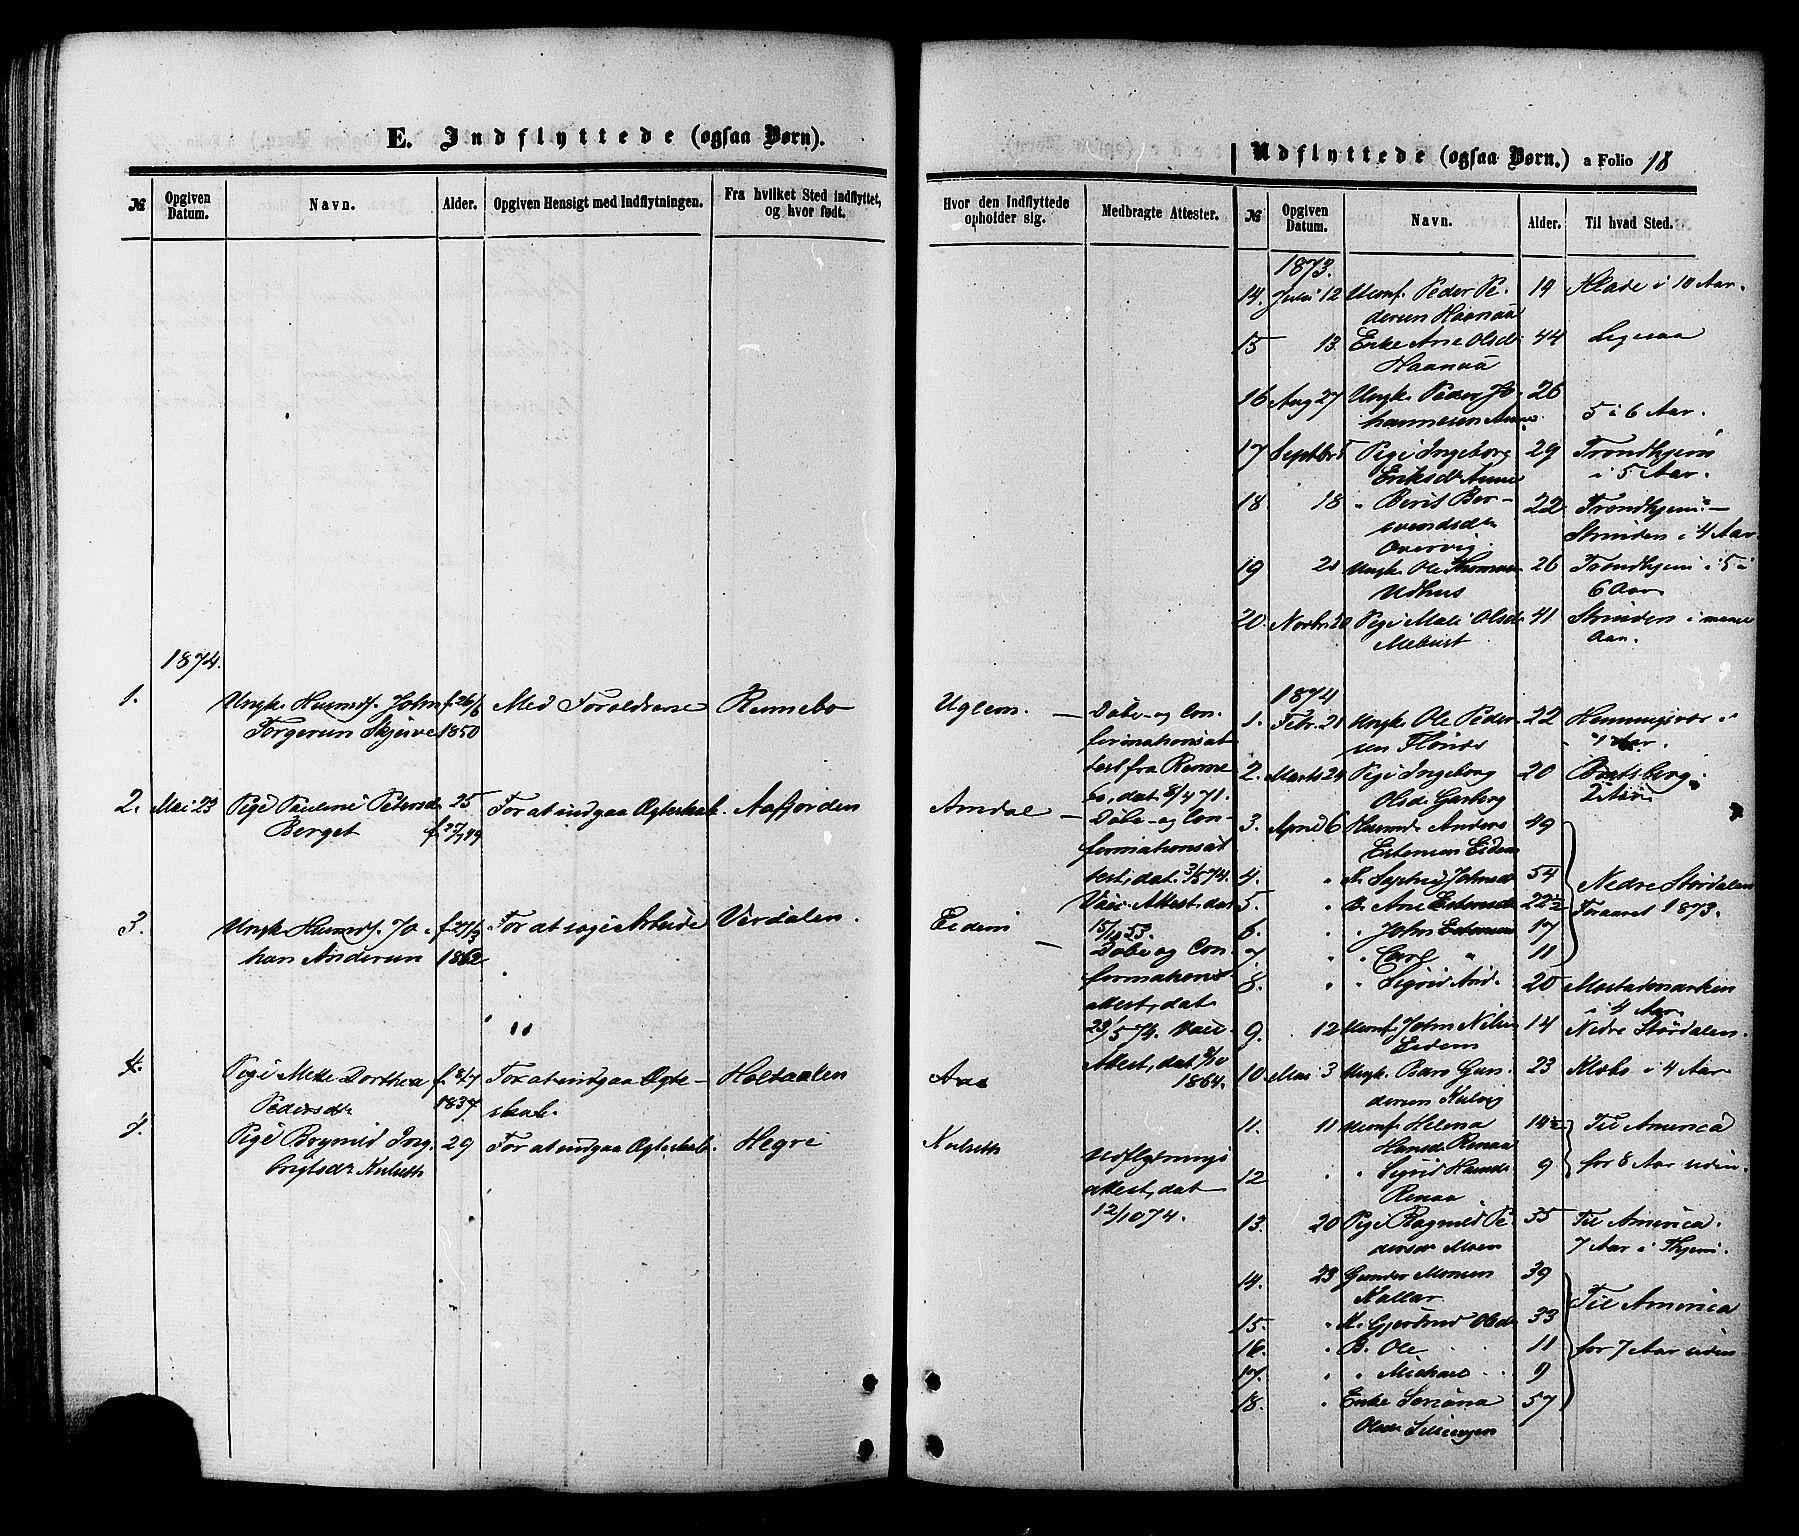 SAT, Ministerialprotokoller, klokkerbøker og fødselsregistre - Sør-Trøndelag, 695/L1147: Ministerialbok nr. 695A07, 1860-1877, s. 18